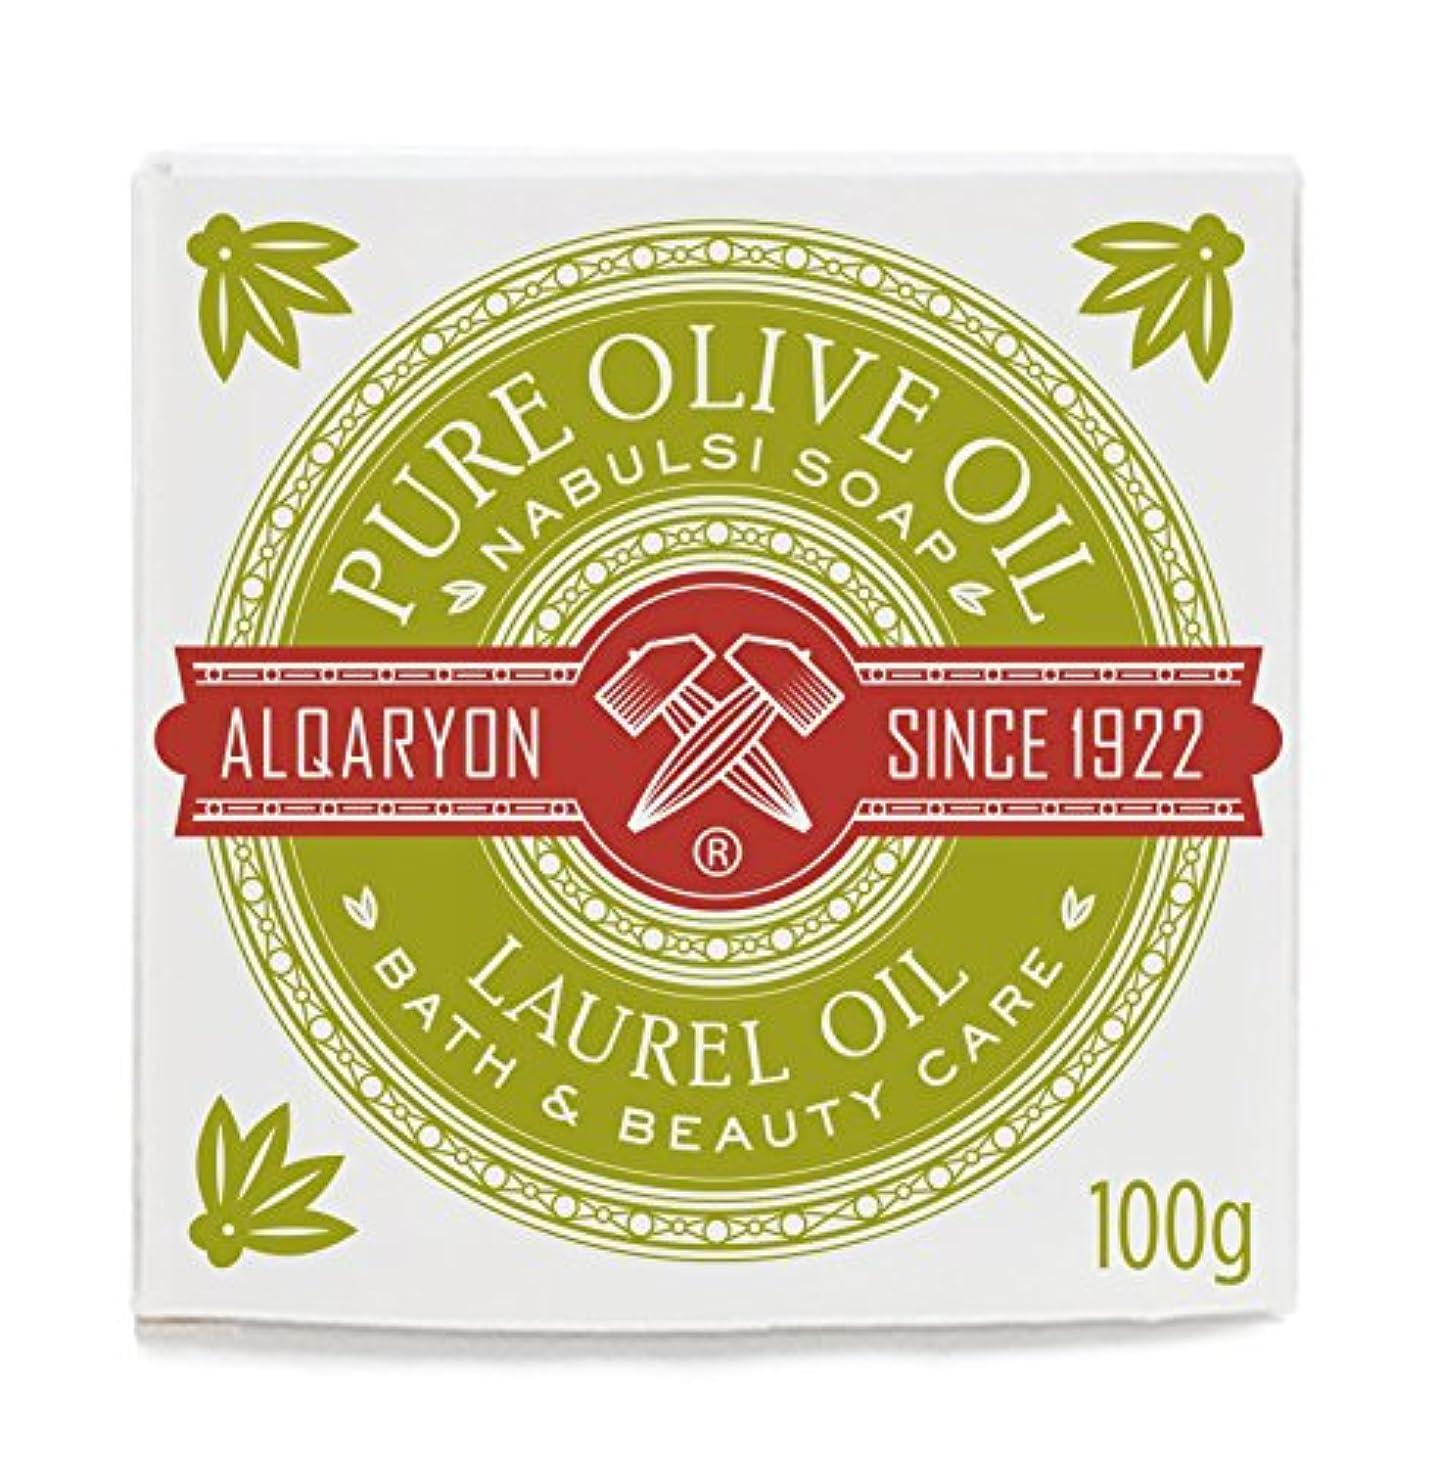 剪断平等箱Alqaryon Laurel Oil & Olive Oil Bar Soap Pack of 4 - AlqaryonのローレルオイルI&オリーブオイル ソープ、バス & ビューティー ケア、100gの石鹸4個のパック